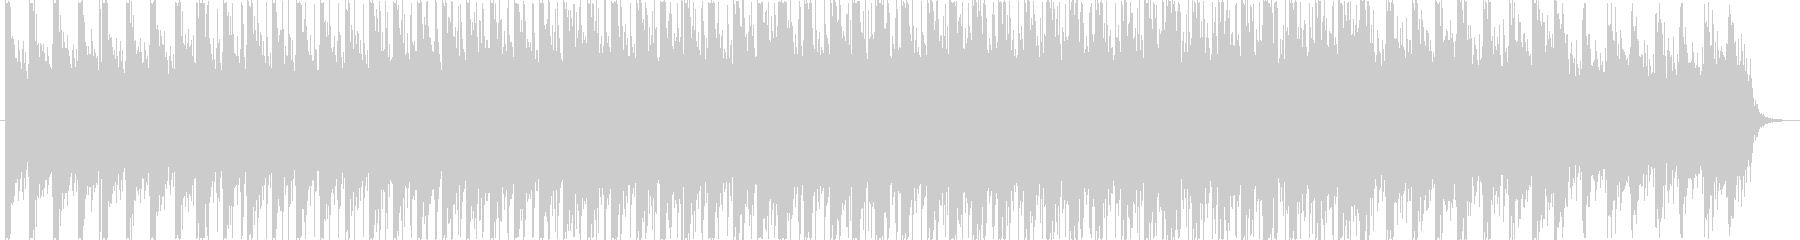 無機質なイメージのエレクトロニカBGMの未再生の波形